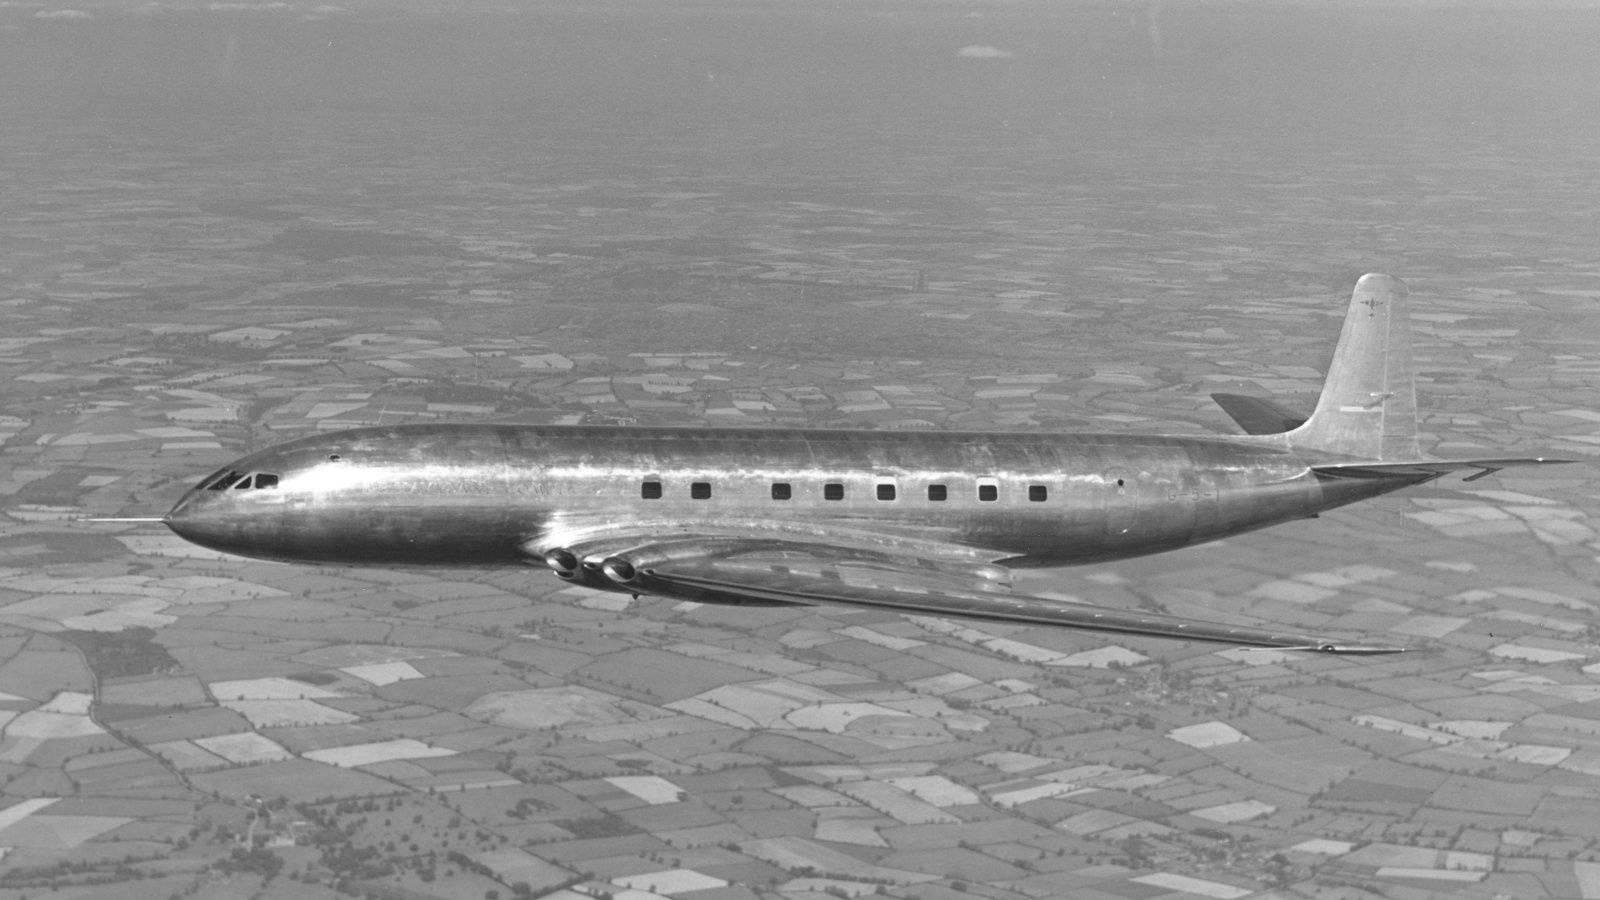 최초의 제트여객기 카미트는 창문이 네모 형태다. [사진 한국공항공사]